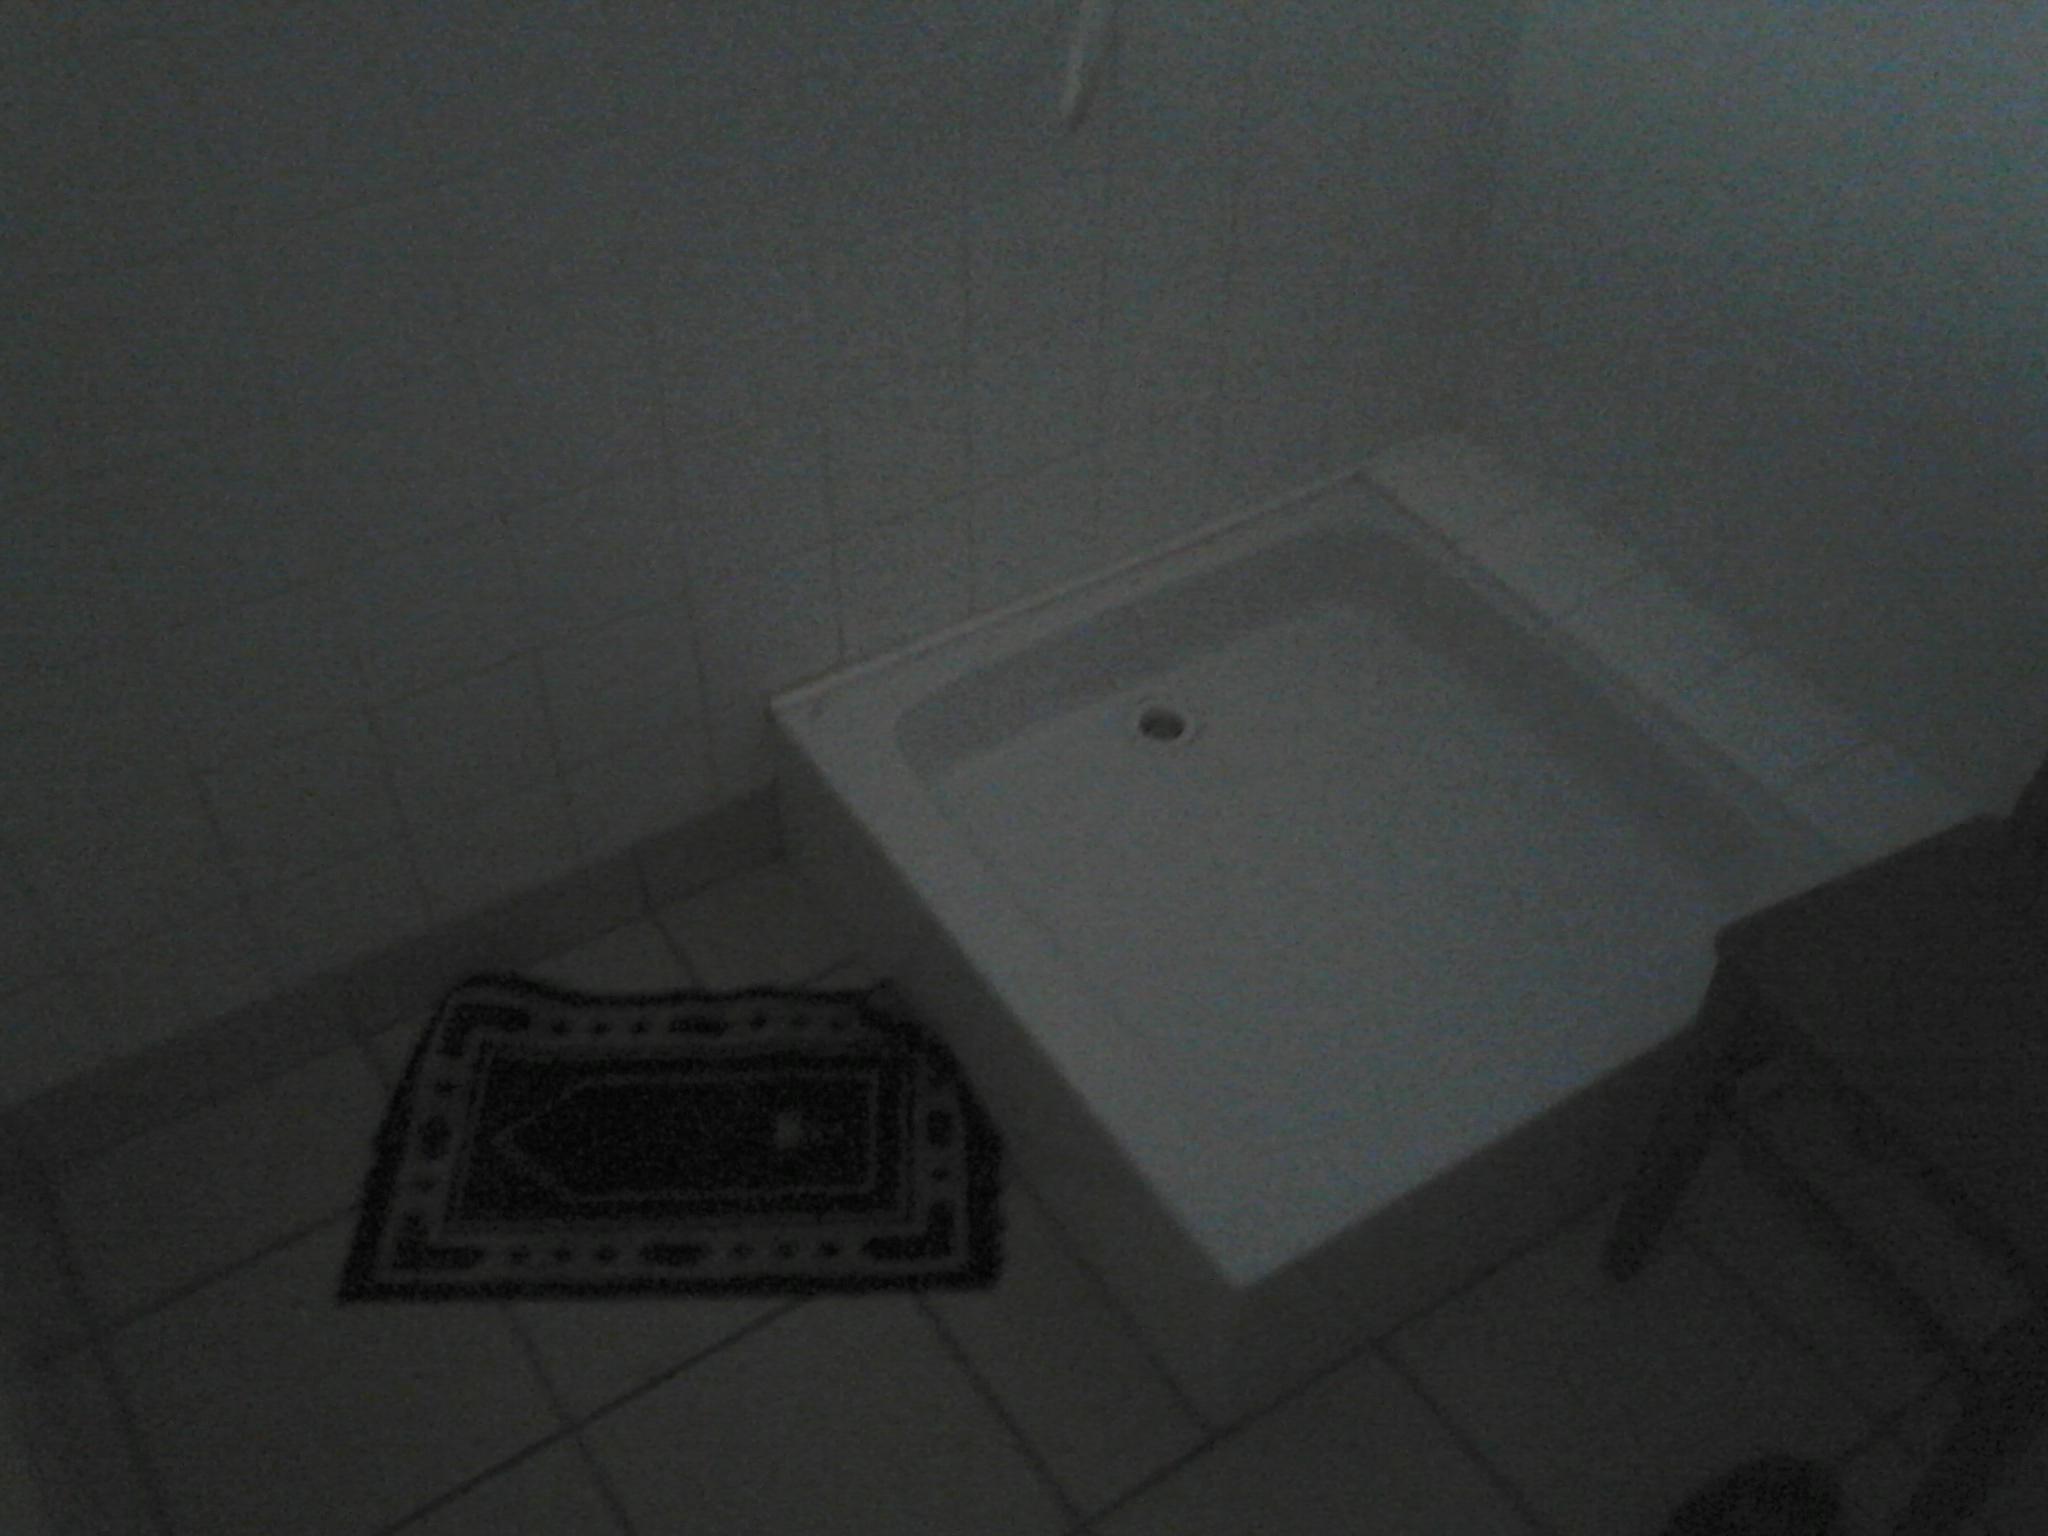 Dans une salle de bain/vestiaire d'un service de soins infirmiers à domicile, à Besancon